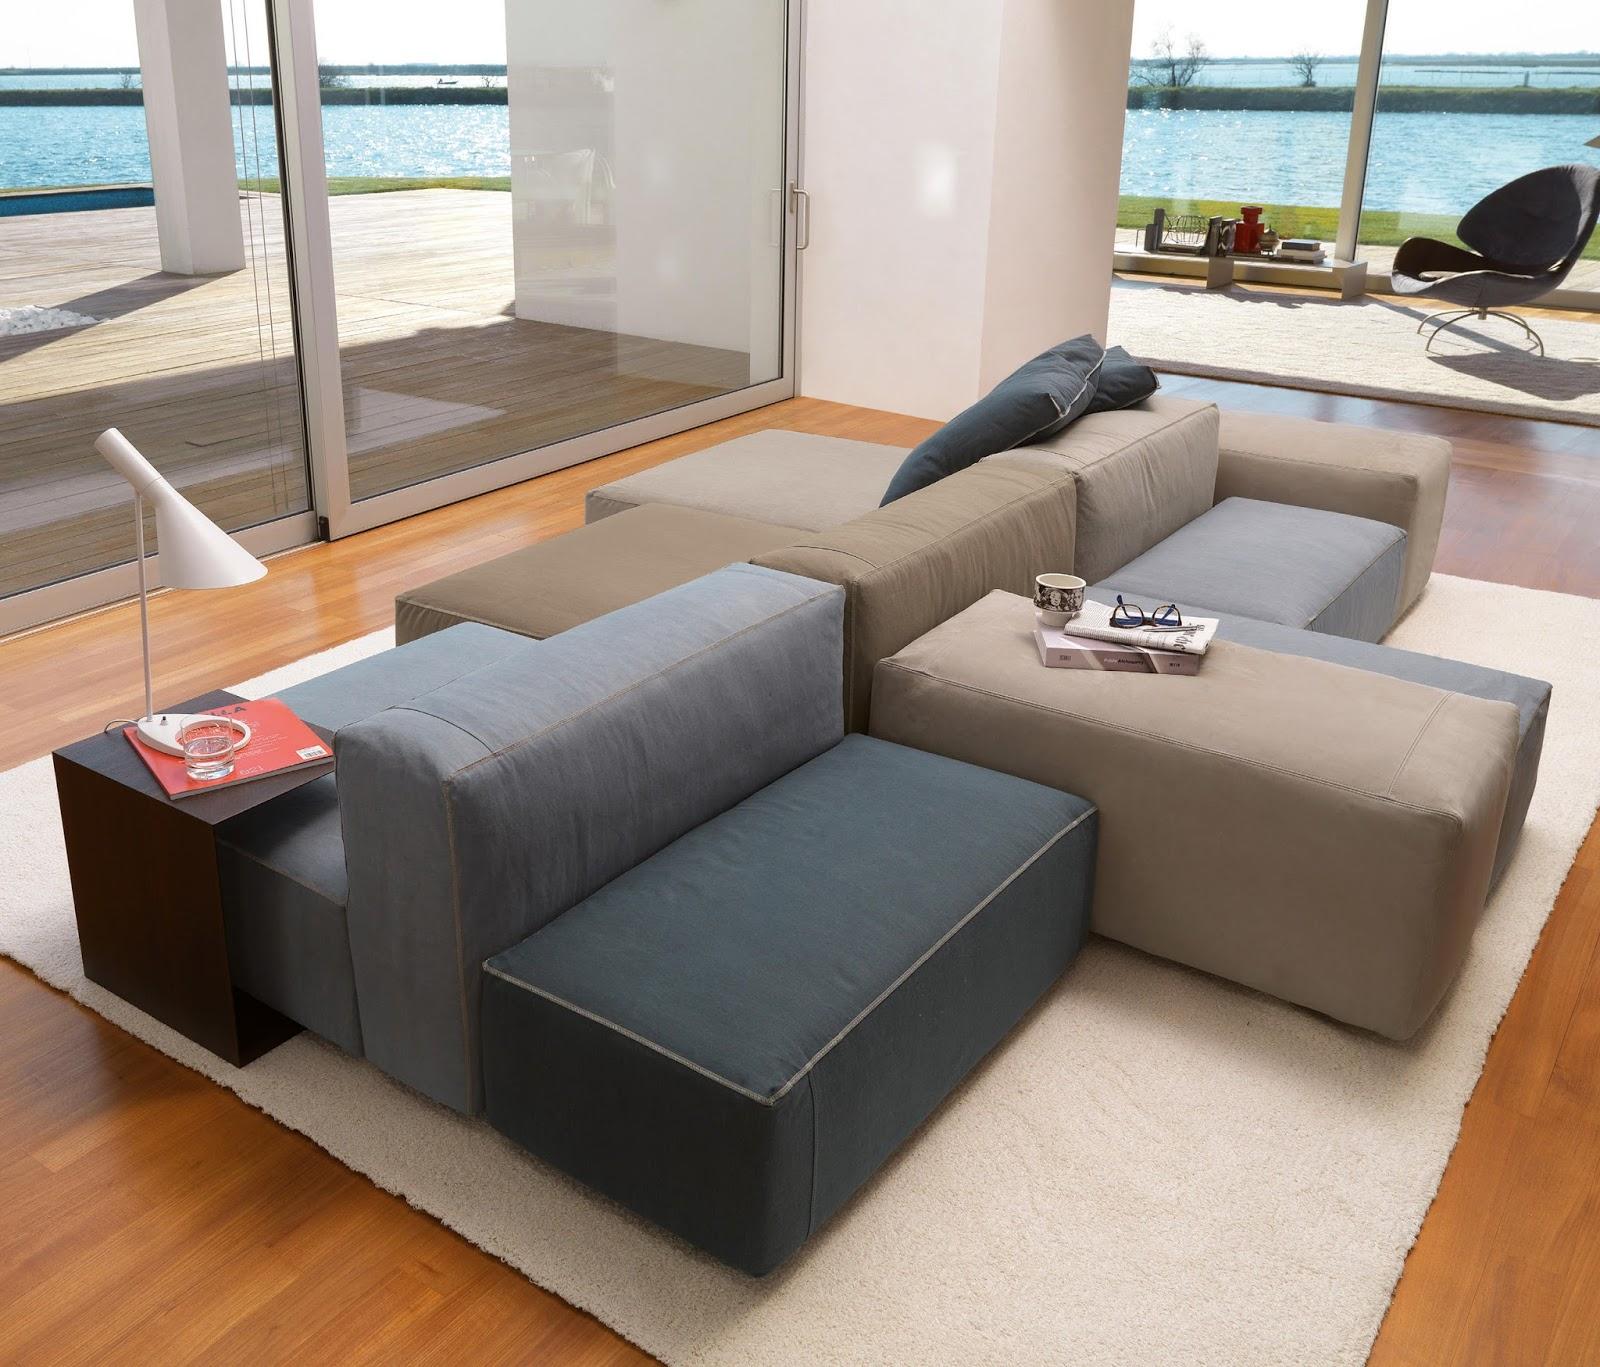 appunti di architettura: Divani componibili - interior design